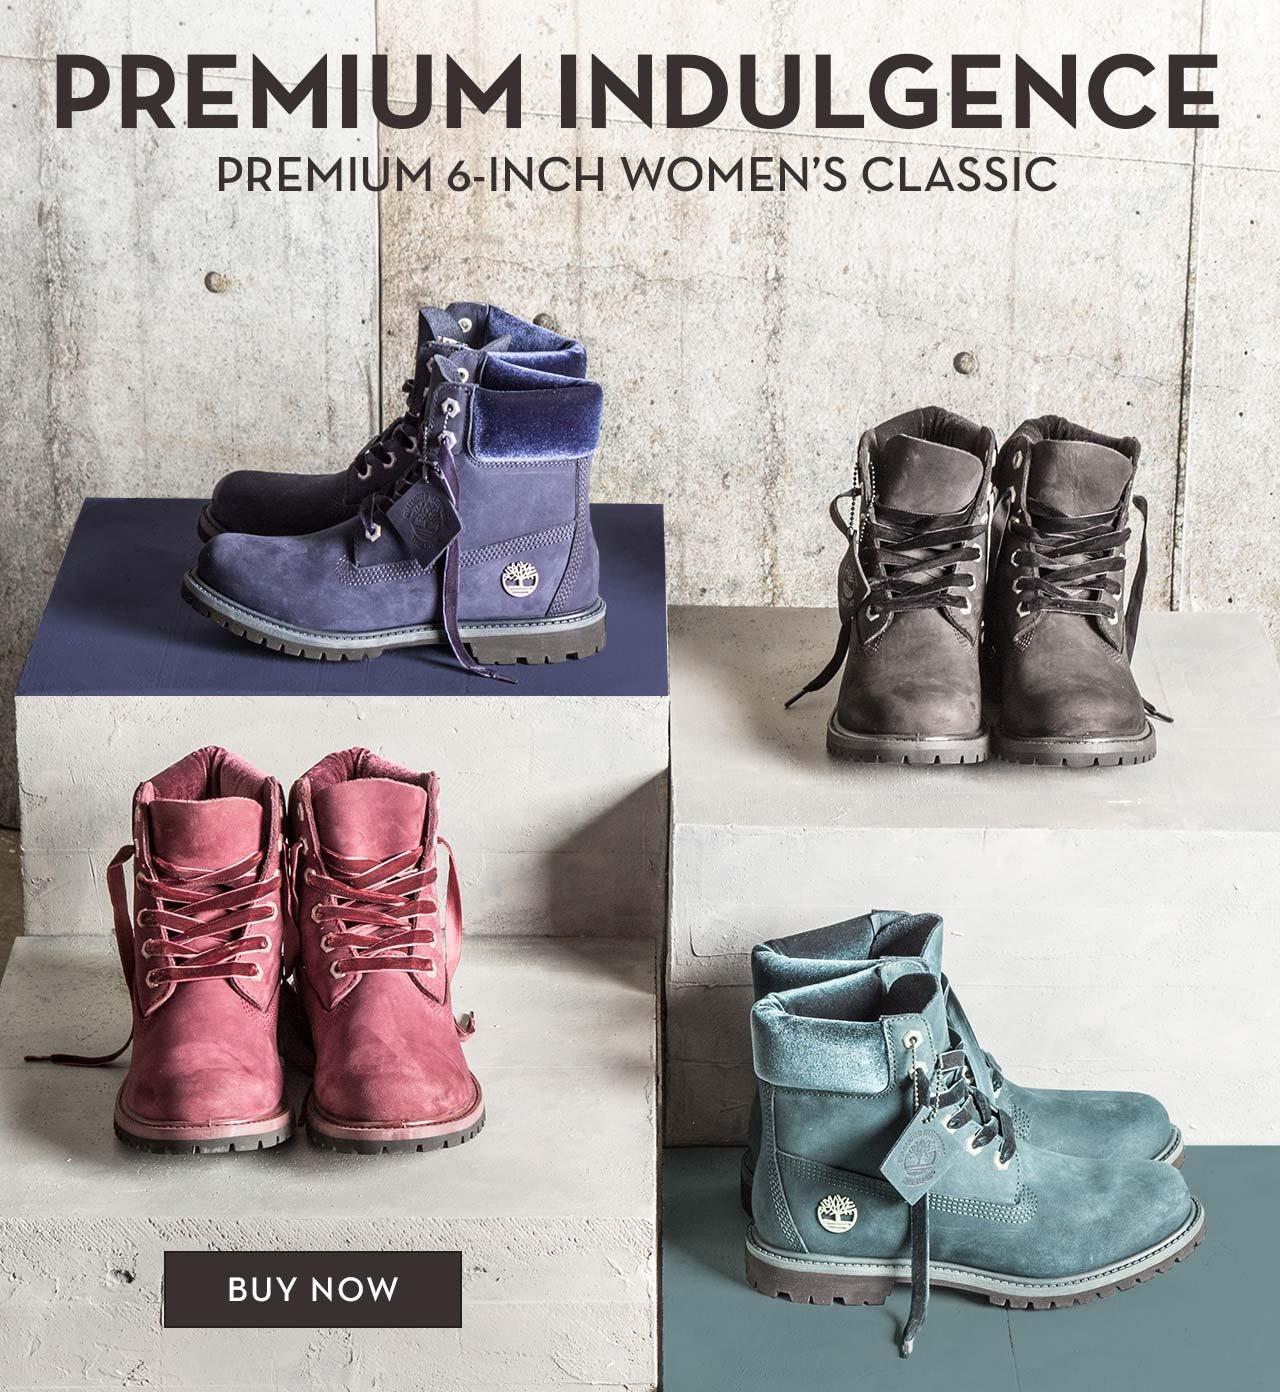 Premium Indulgence Premium 6-Inch Women's Classic Buy Now